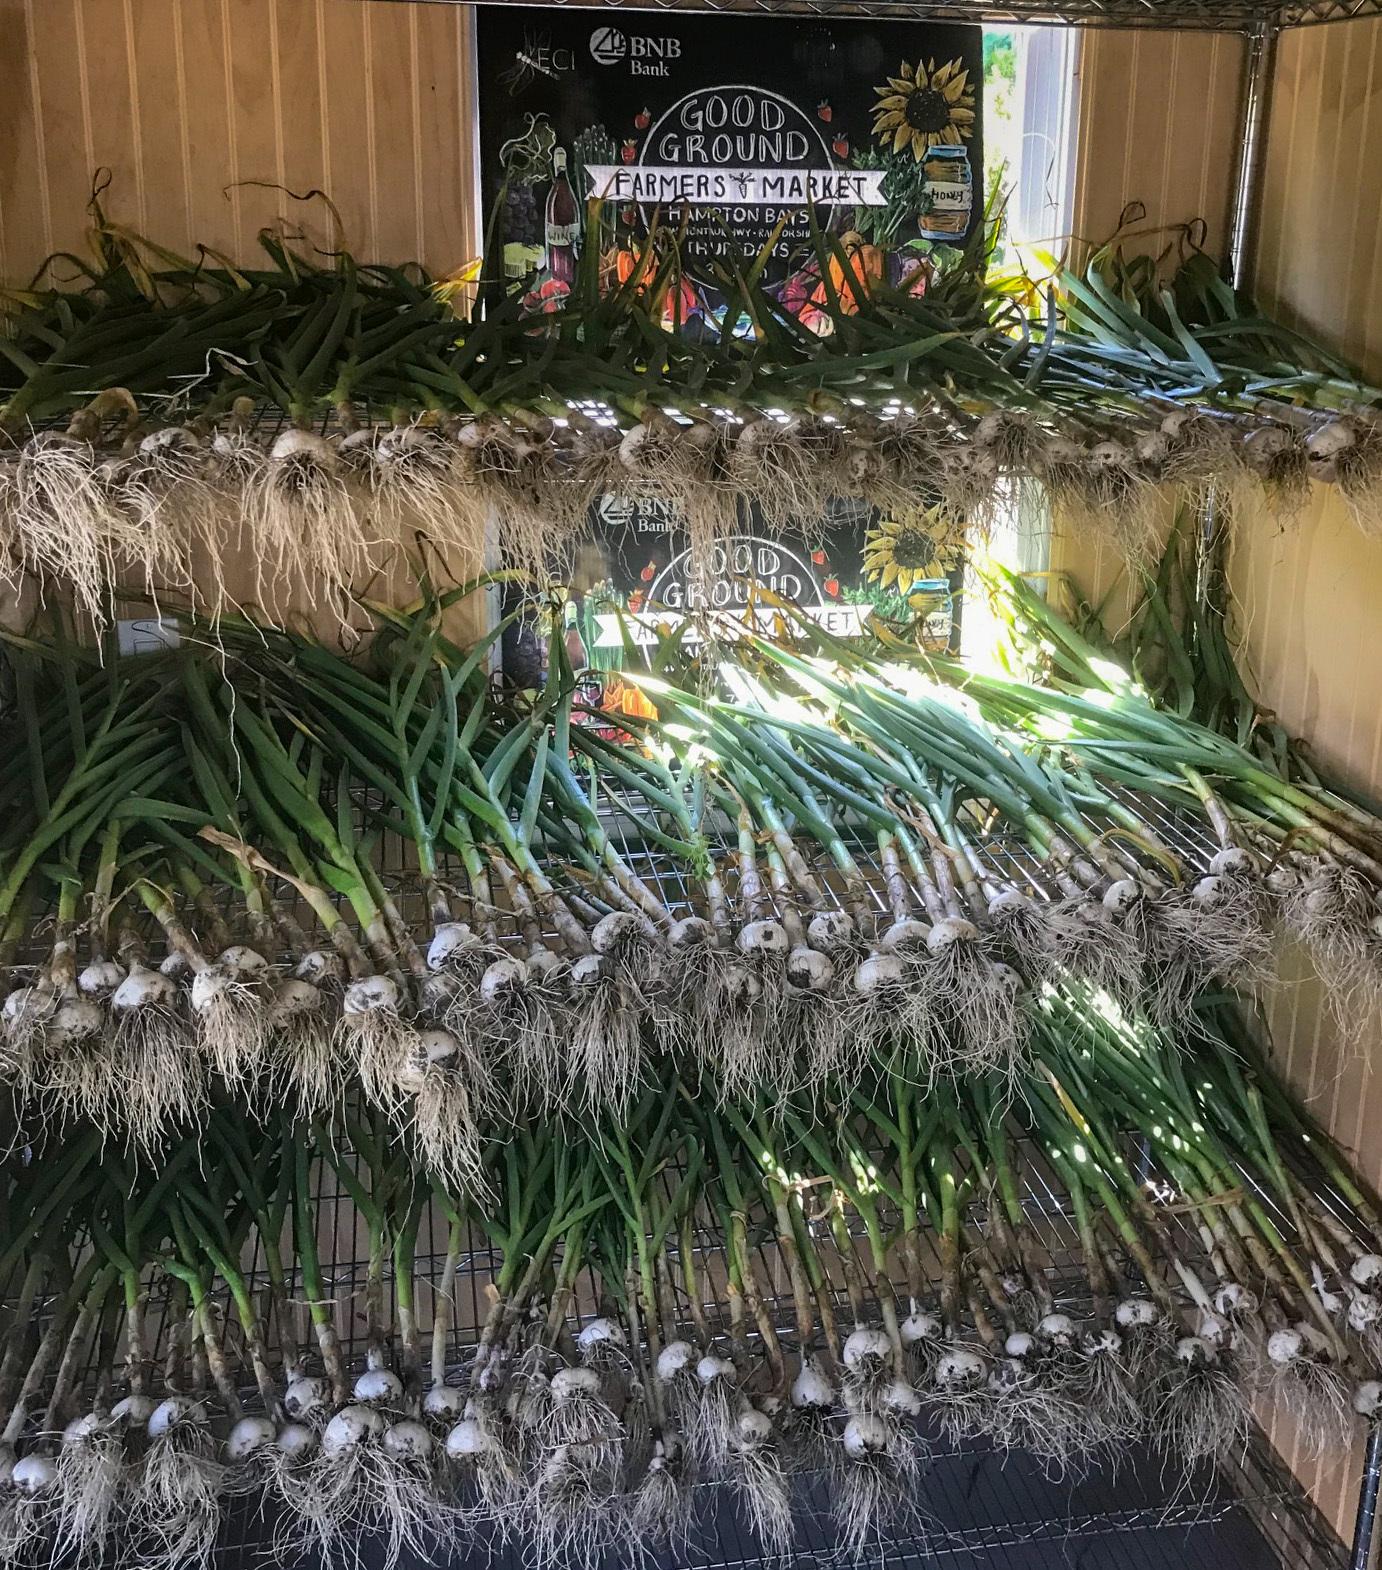 Good Ground Heritage Garden's garlic harvest.